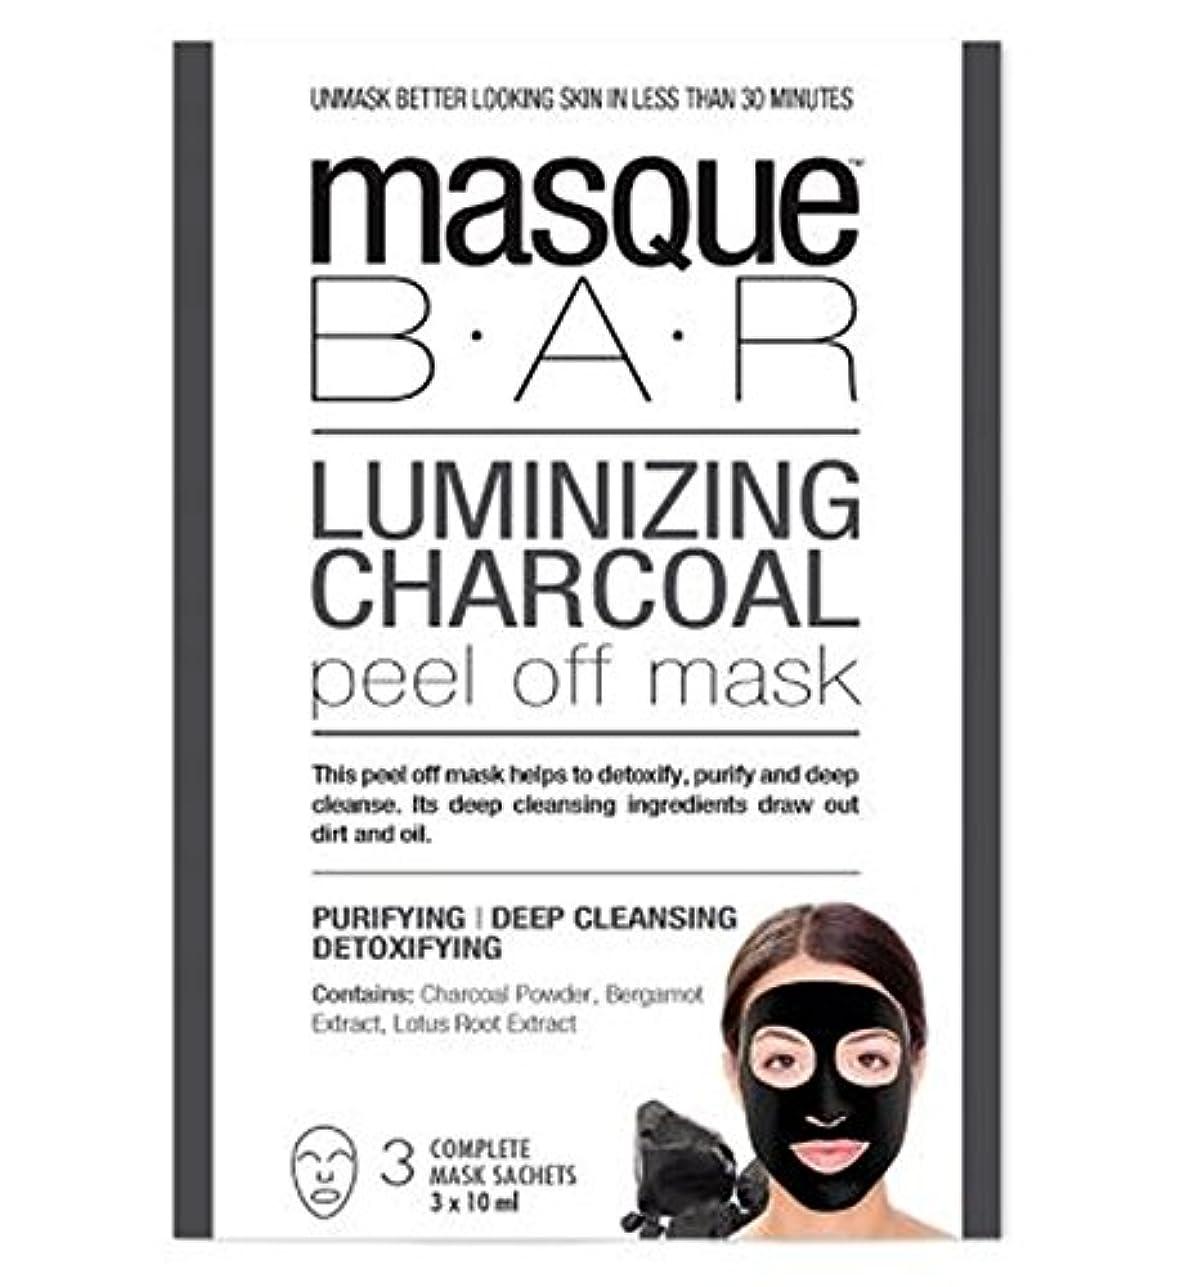 おかしい年金広い[P6B Masque Bar Bt] 仮面バーチャコールはがしマスクをルミナイジング - 3枚のマスク - Masque Bar Luminizing Charcoal Peel Off Mask - 3 Masks...